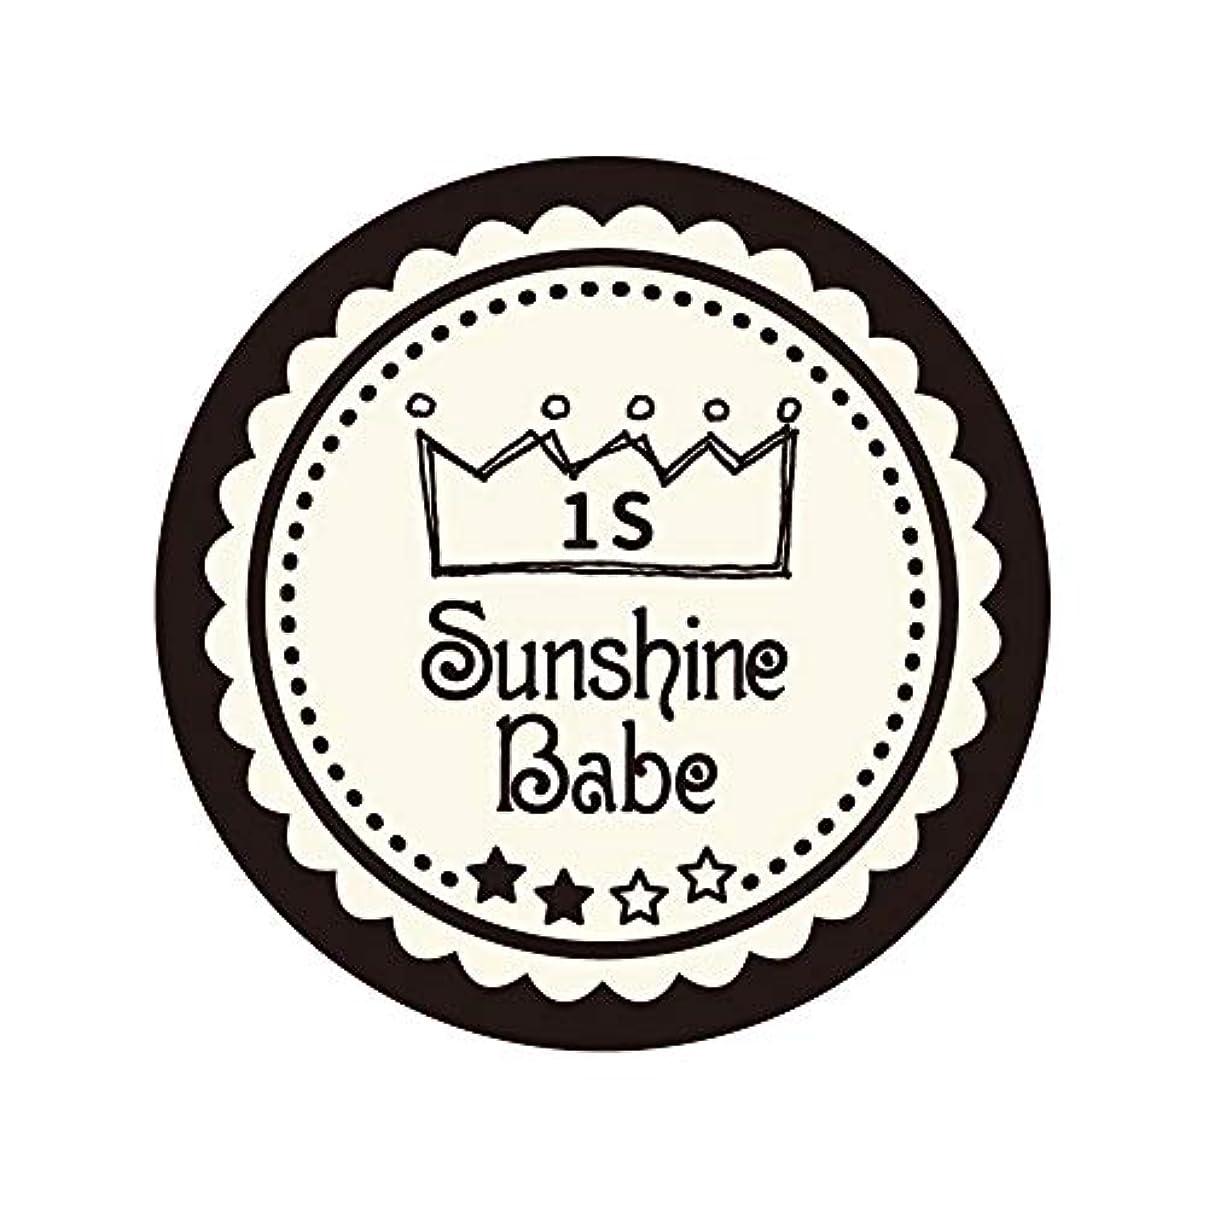 遅いリングバックユーザーSunshine Babe カラージェル 1S ココナッツミルク 2.7g UV/LED対応